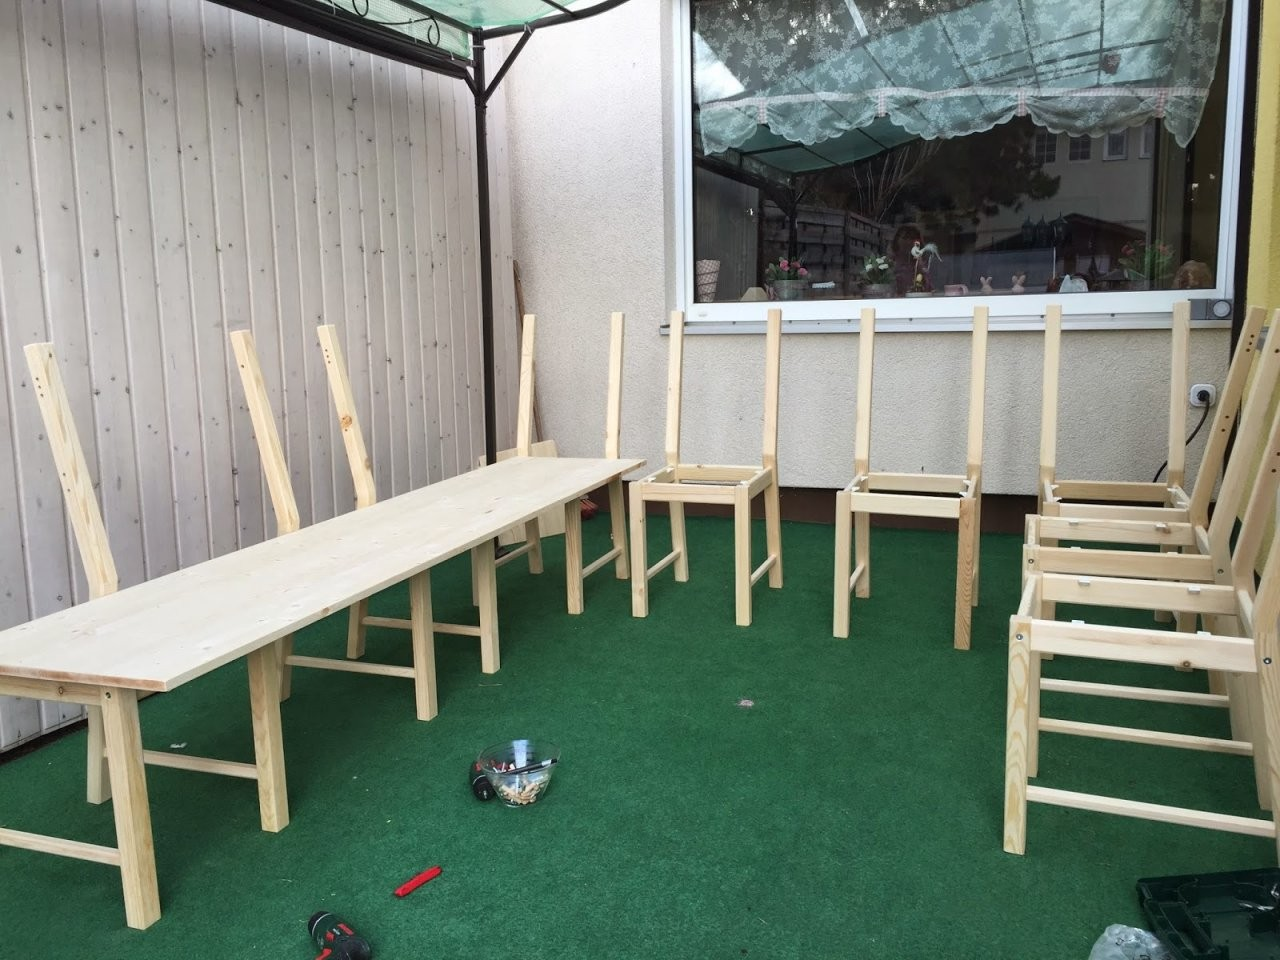 Stickuhlinchen Diy Ikea Hack  Aus 8 Stühlen Wird Eine Große von Eckbank Selber Bauen Ikea Photo